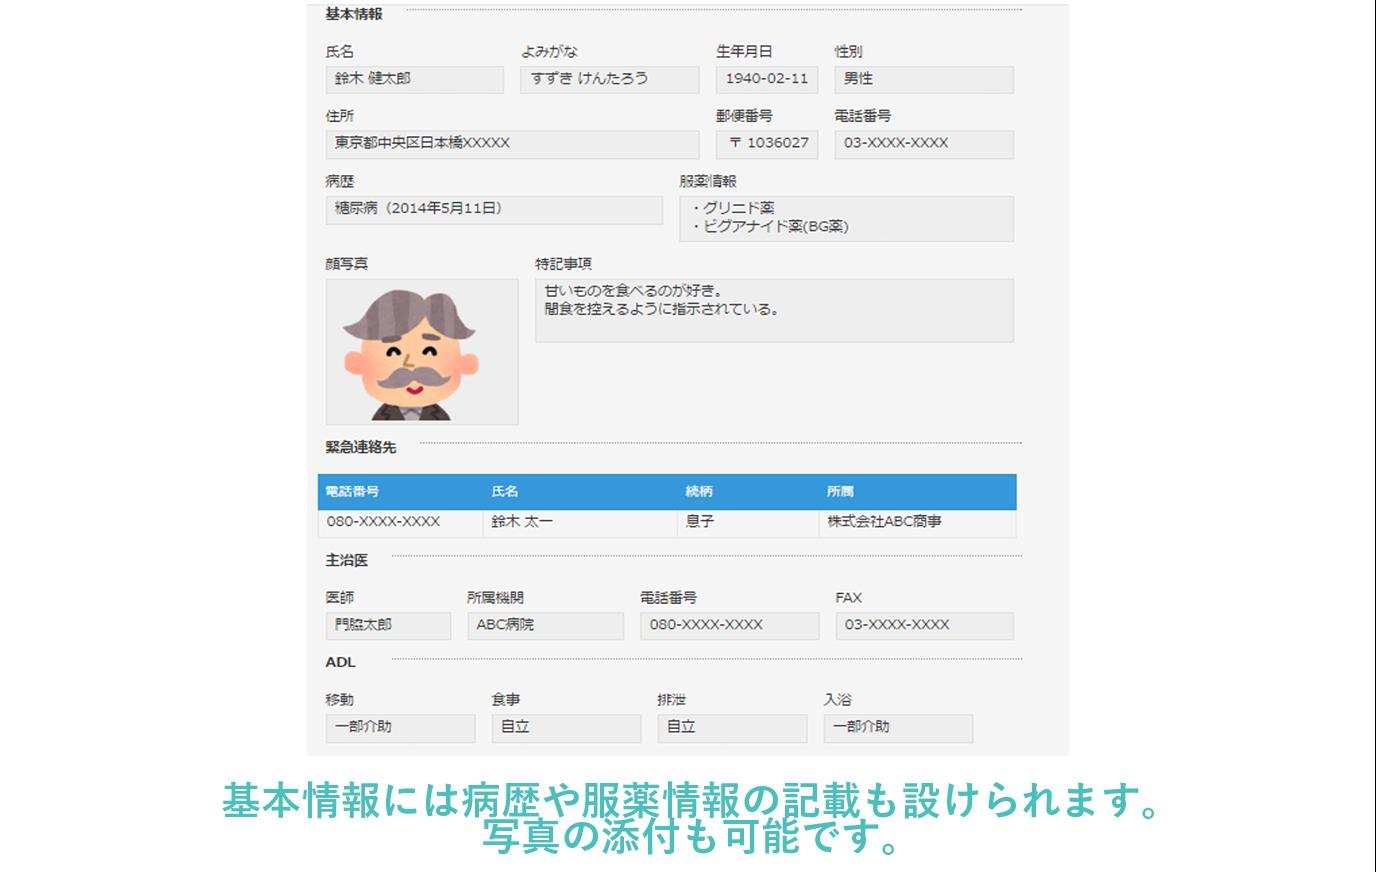 kaigofukushi_01.png